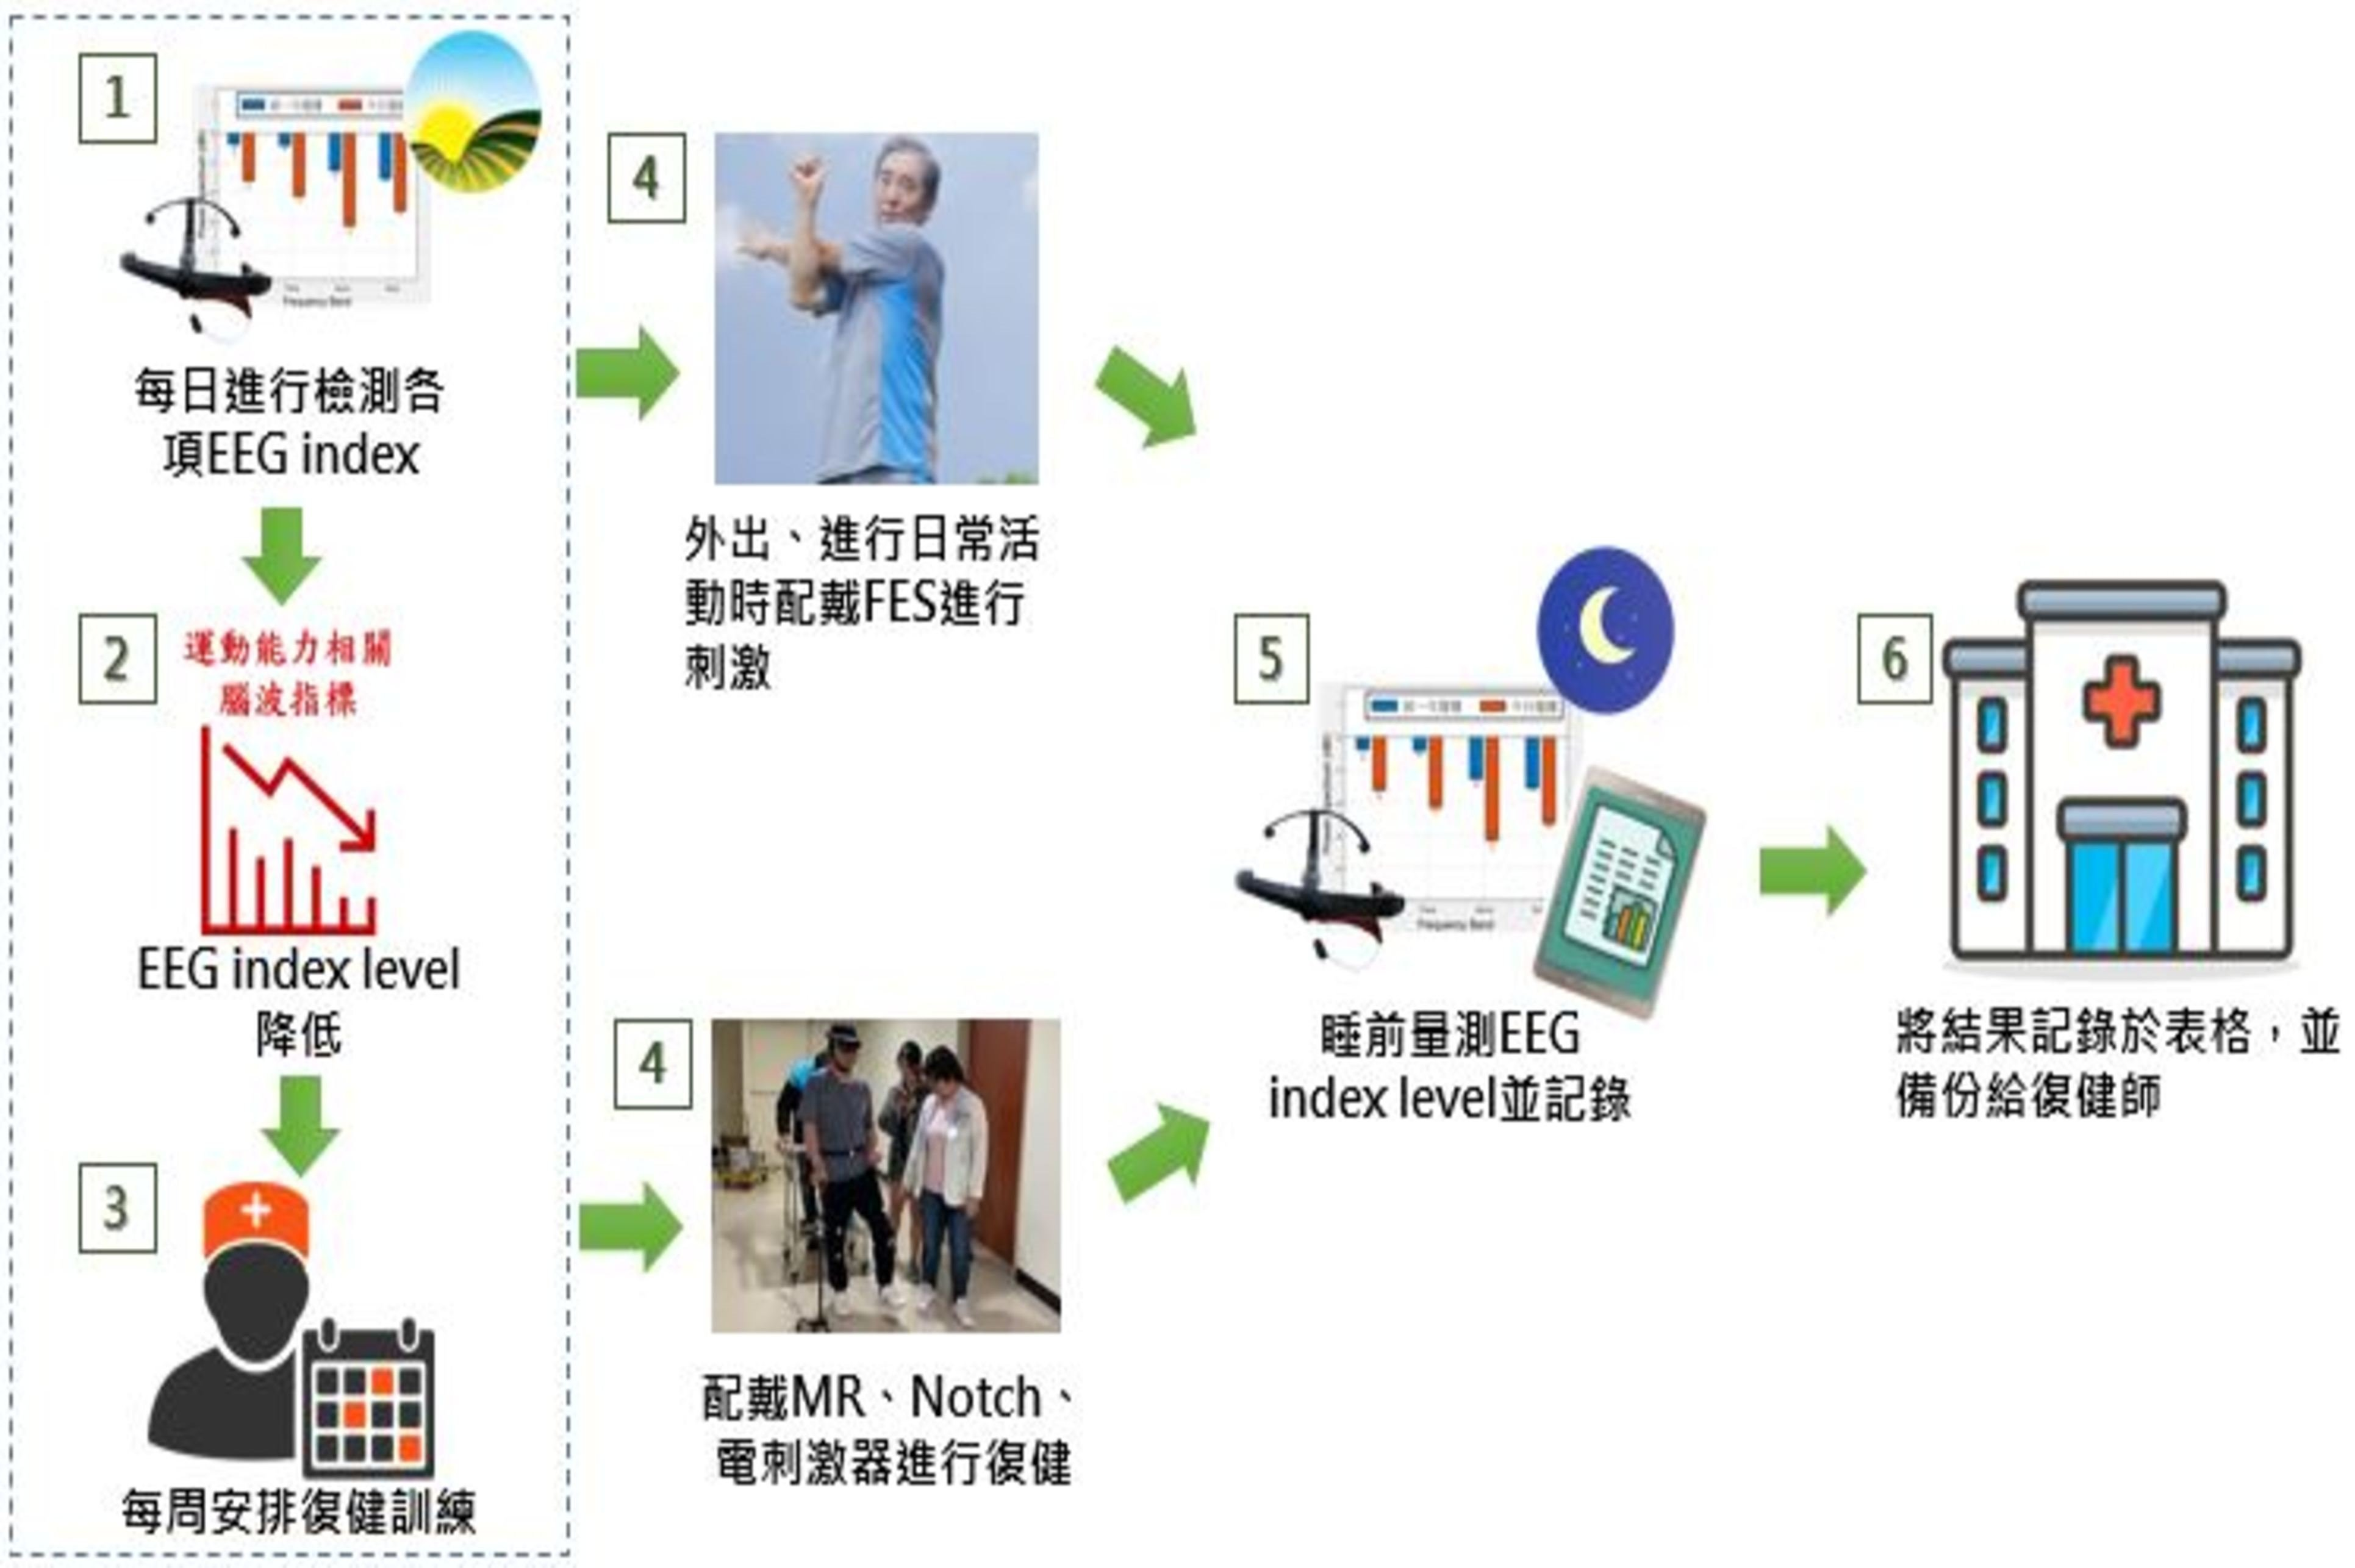 本系統實際應用於日常生活之情境圖